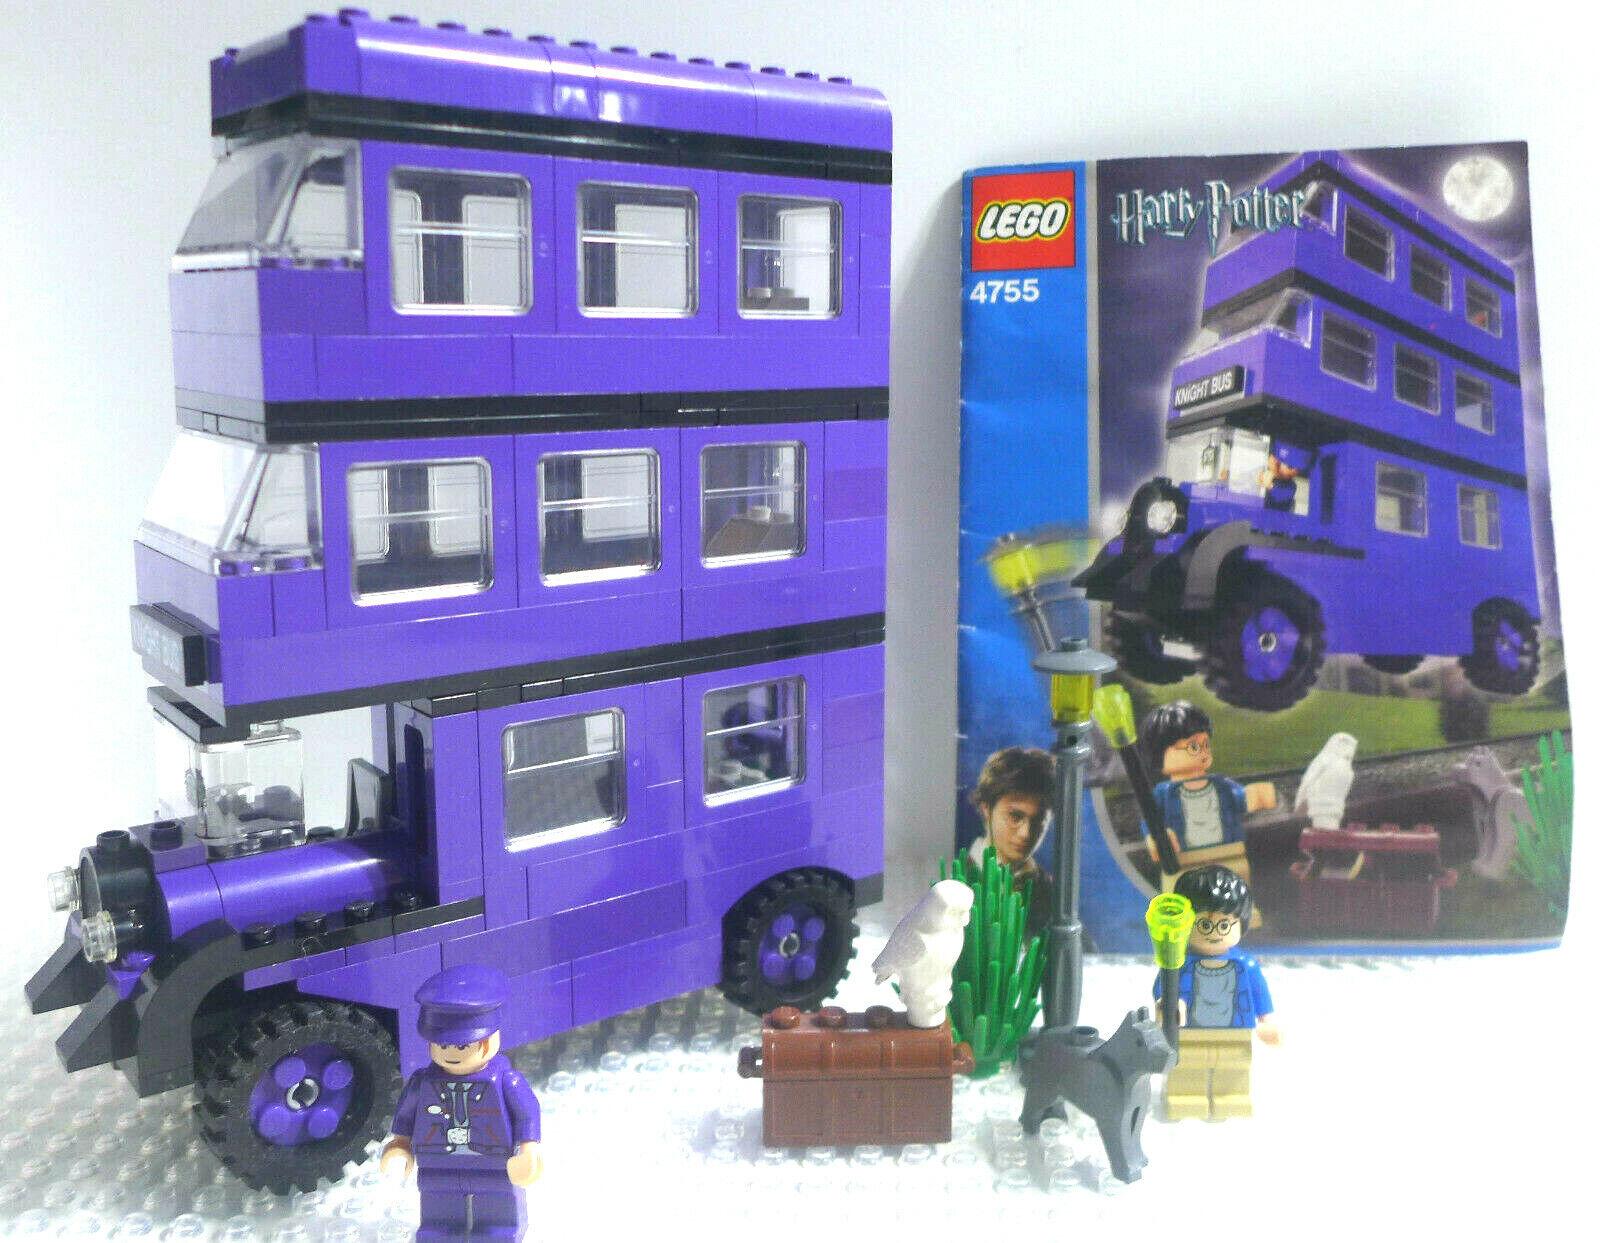 Harry Potter - Knight autobus 4755 w Instructions & Minicifras,  completare, NO scatola  prezzo basso